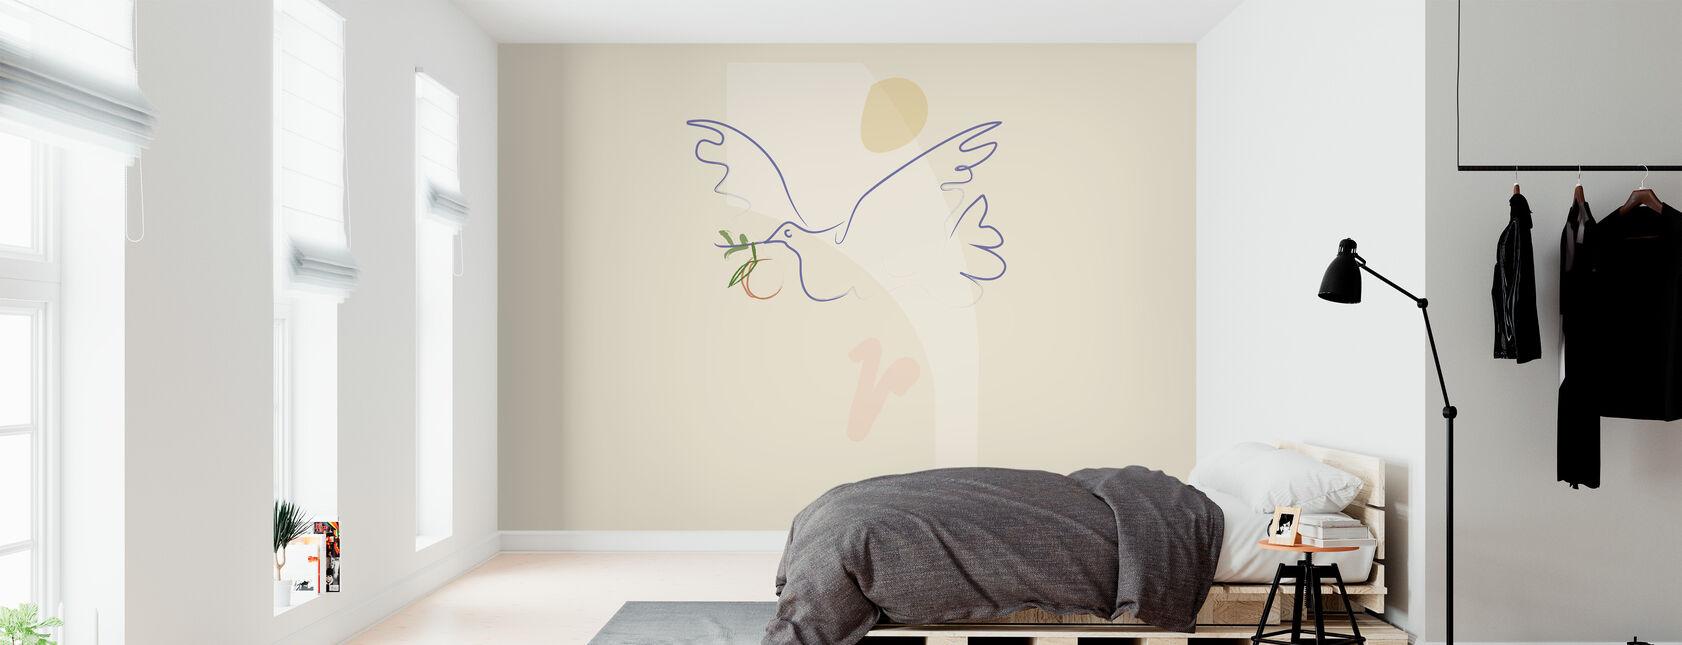 Free Bird - Wallpaper - Bedroom